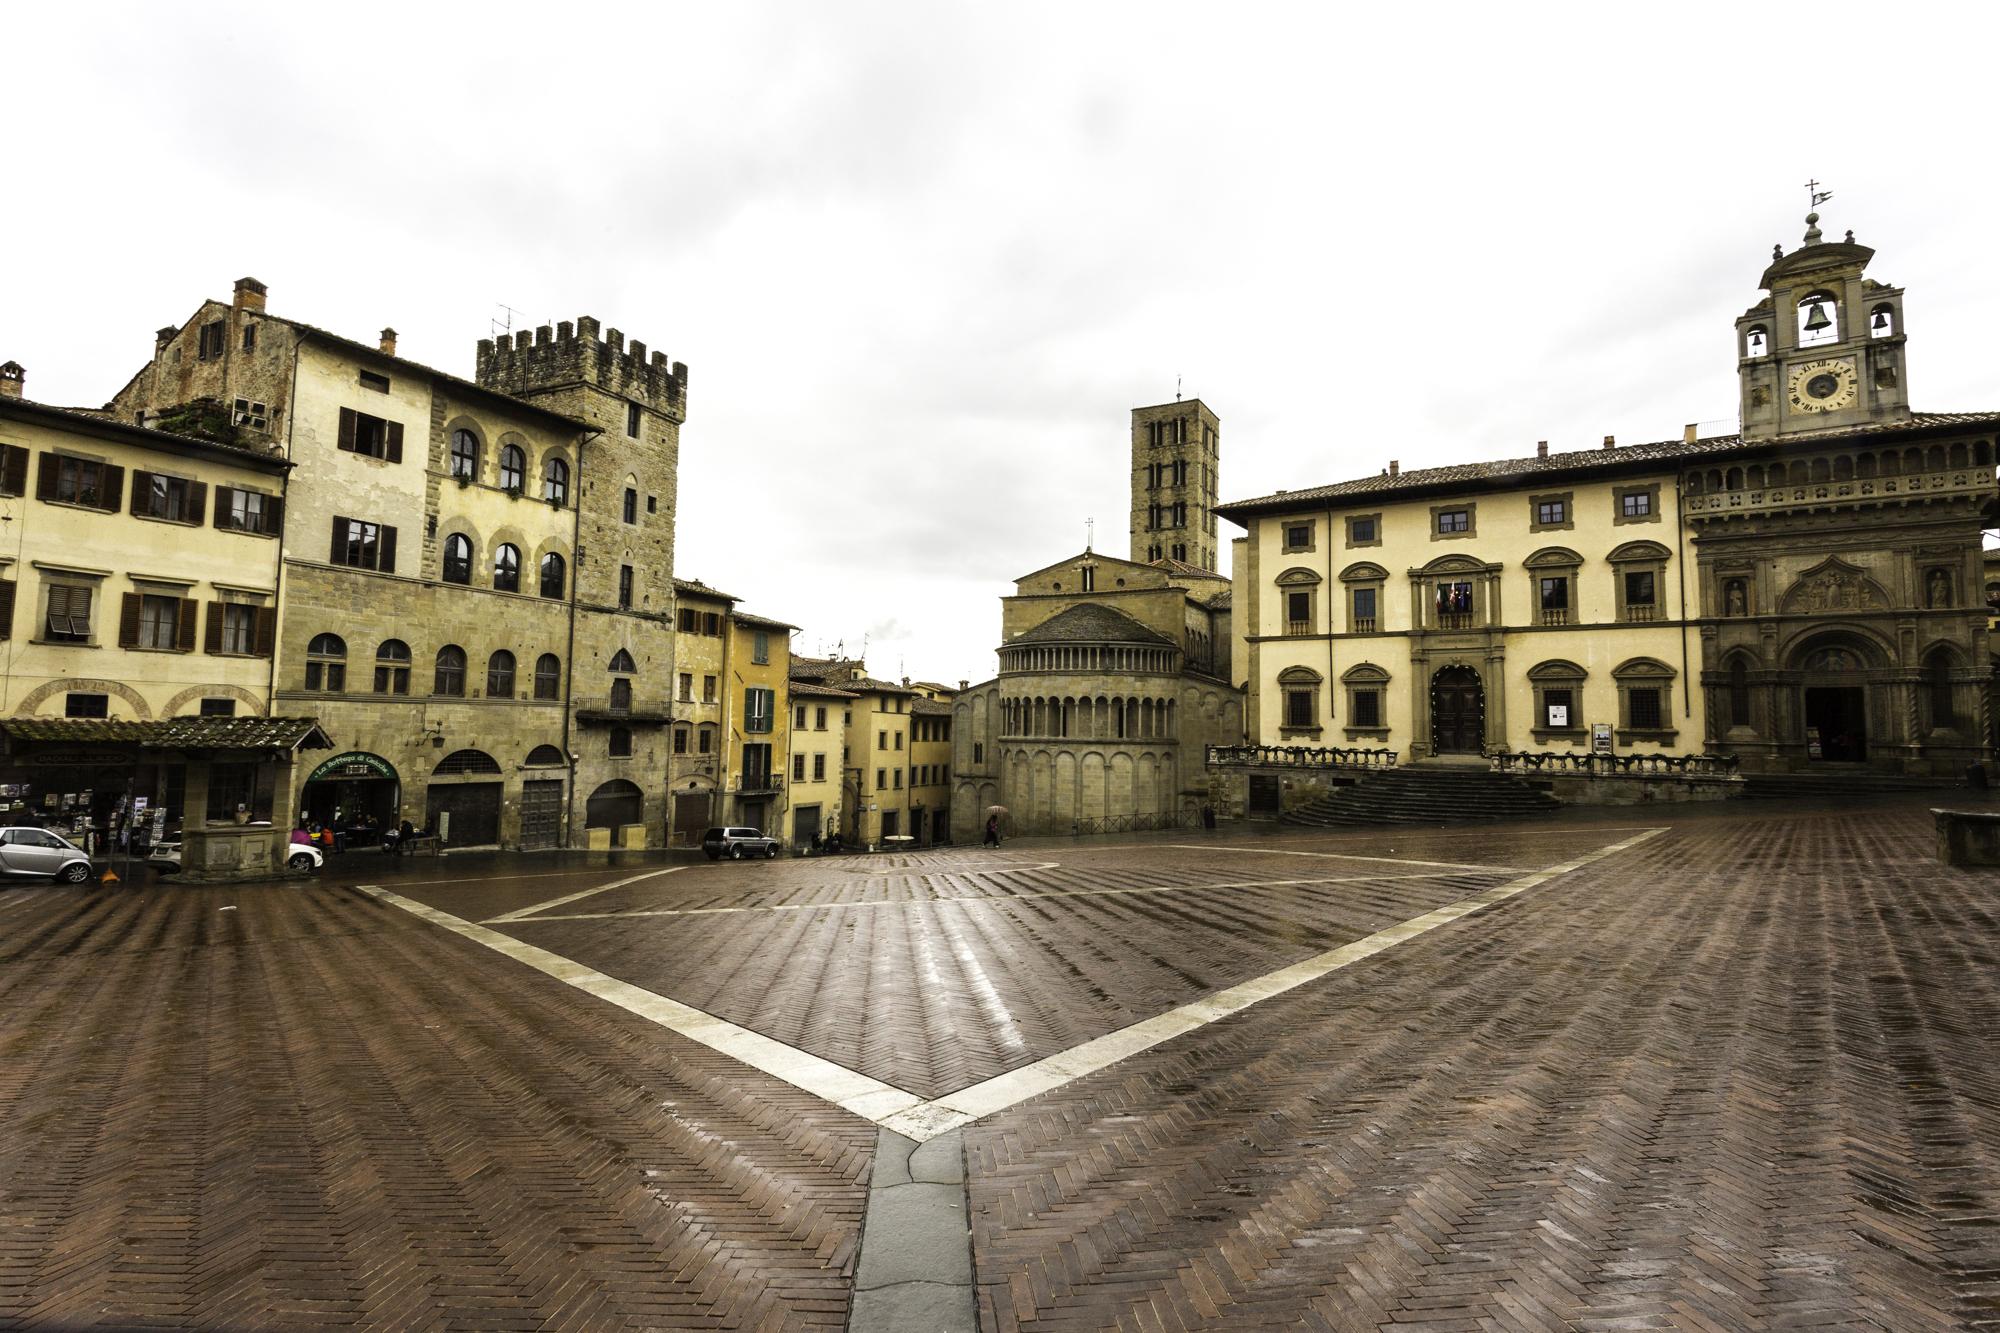 Comune di Arezzo: maxi area pedonale in Centro storico e spazi all'aperto da venerdì 29 maggio